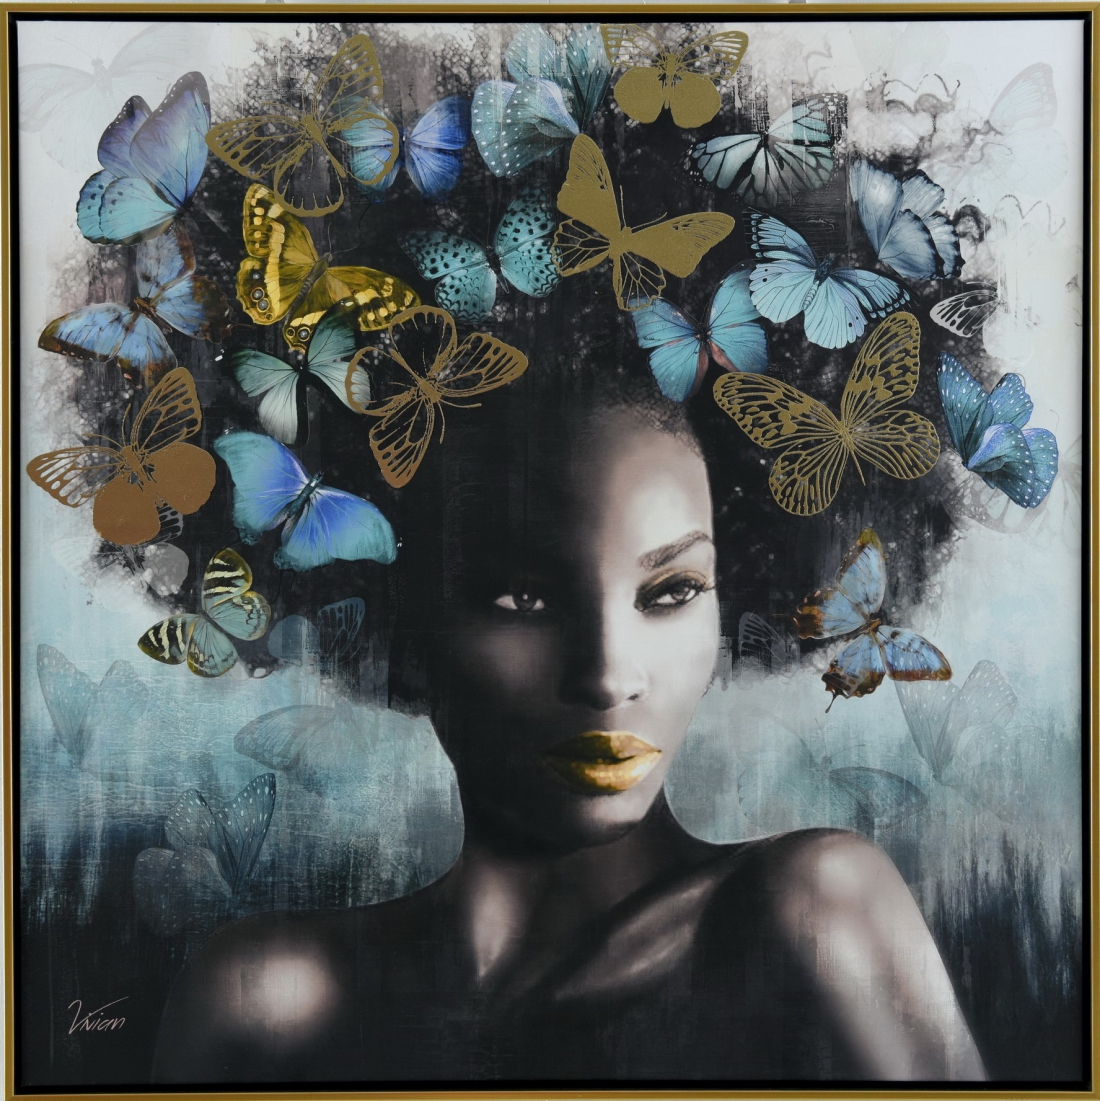 Schilderij vrouw met vlinders 82x82